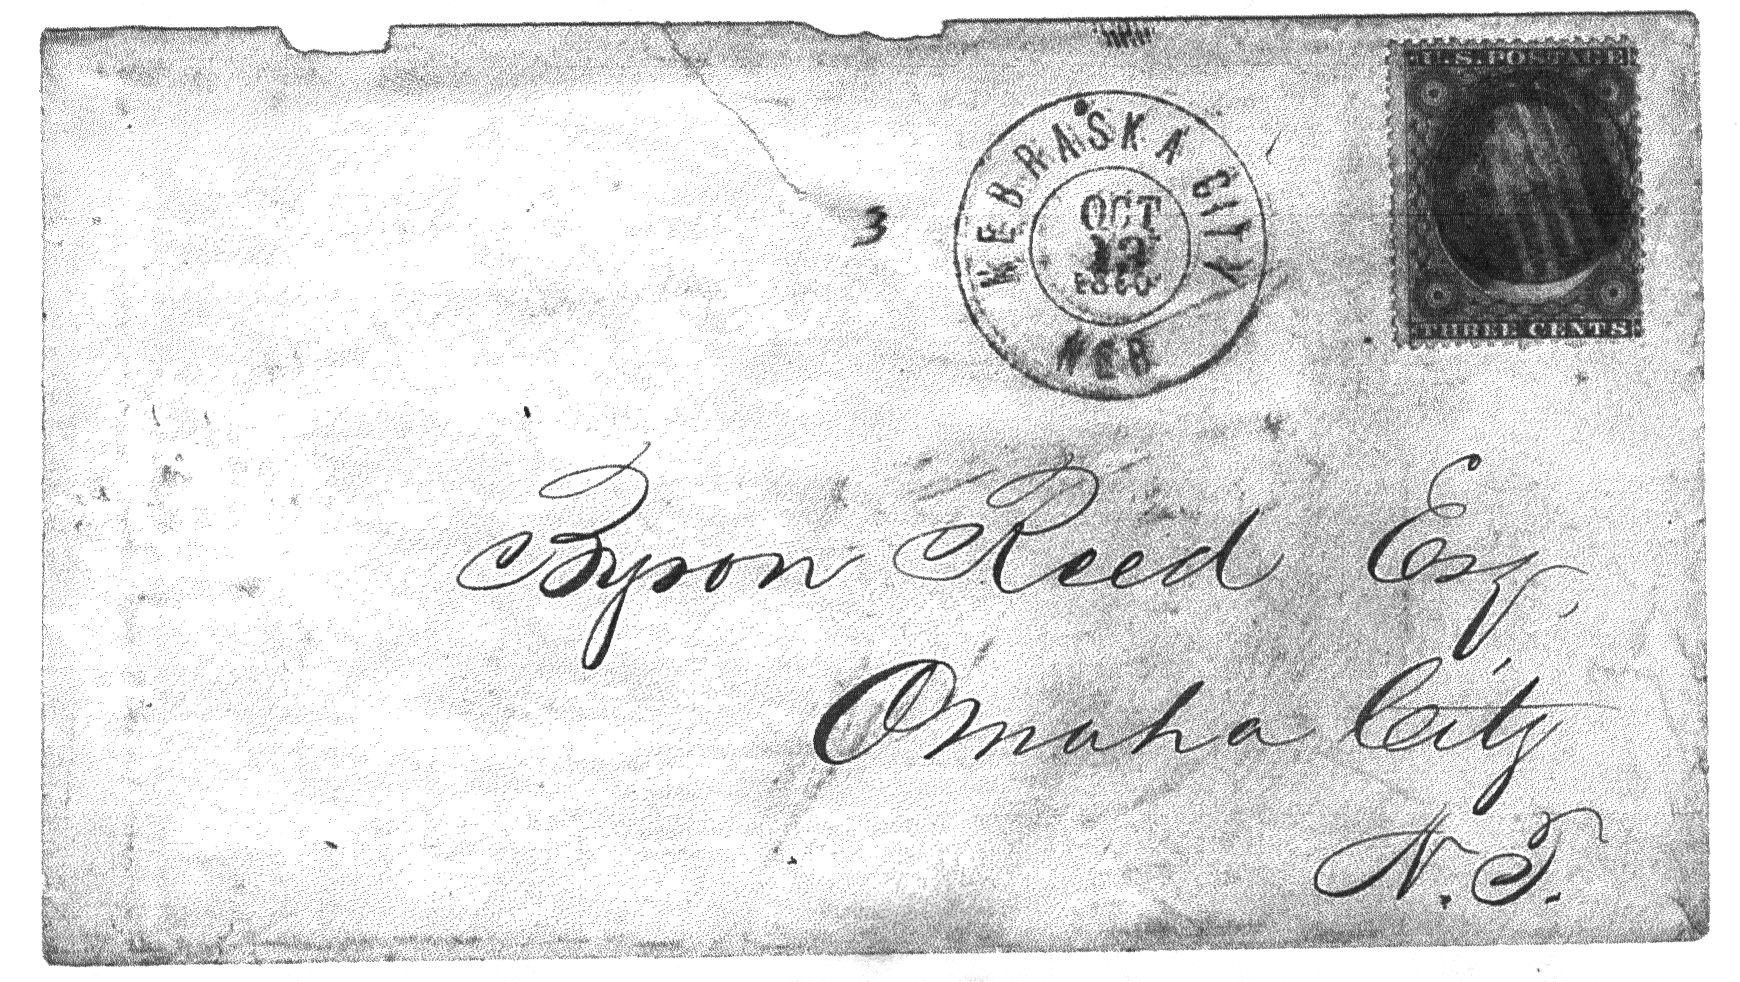 NebraskaCity 1860 10 13